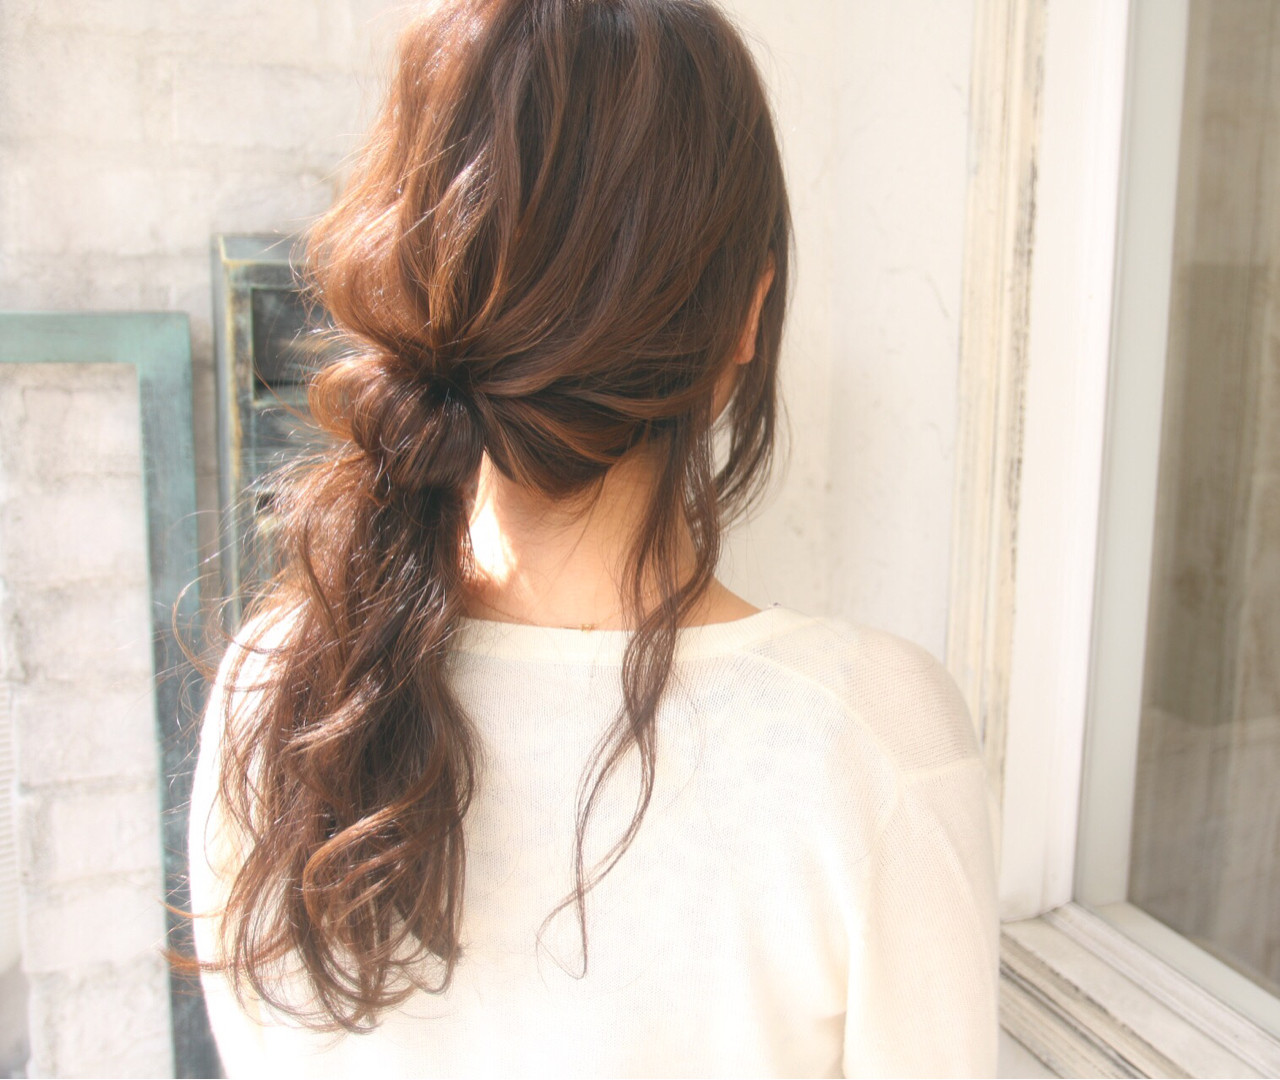 フェミニン ポニーテール 透明感 ロング ヘアスタイルや髪型の写真・画像